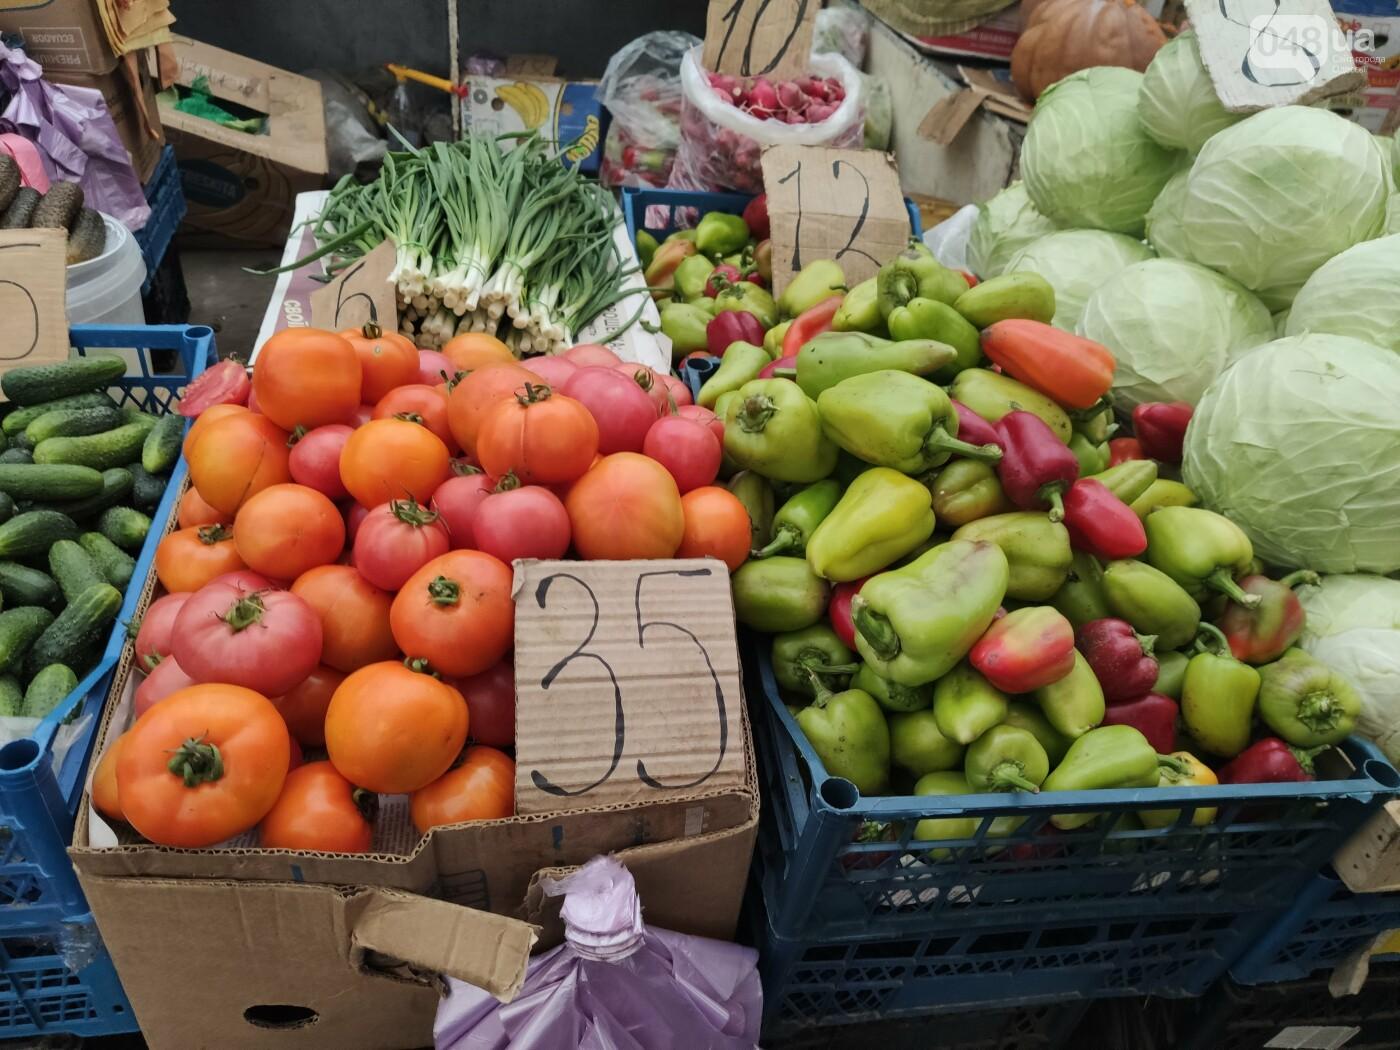 Ананасы, авокадо, редис: какие цены на овощи и фрукты на одесском Привозе, - ФОТО, фото-8